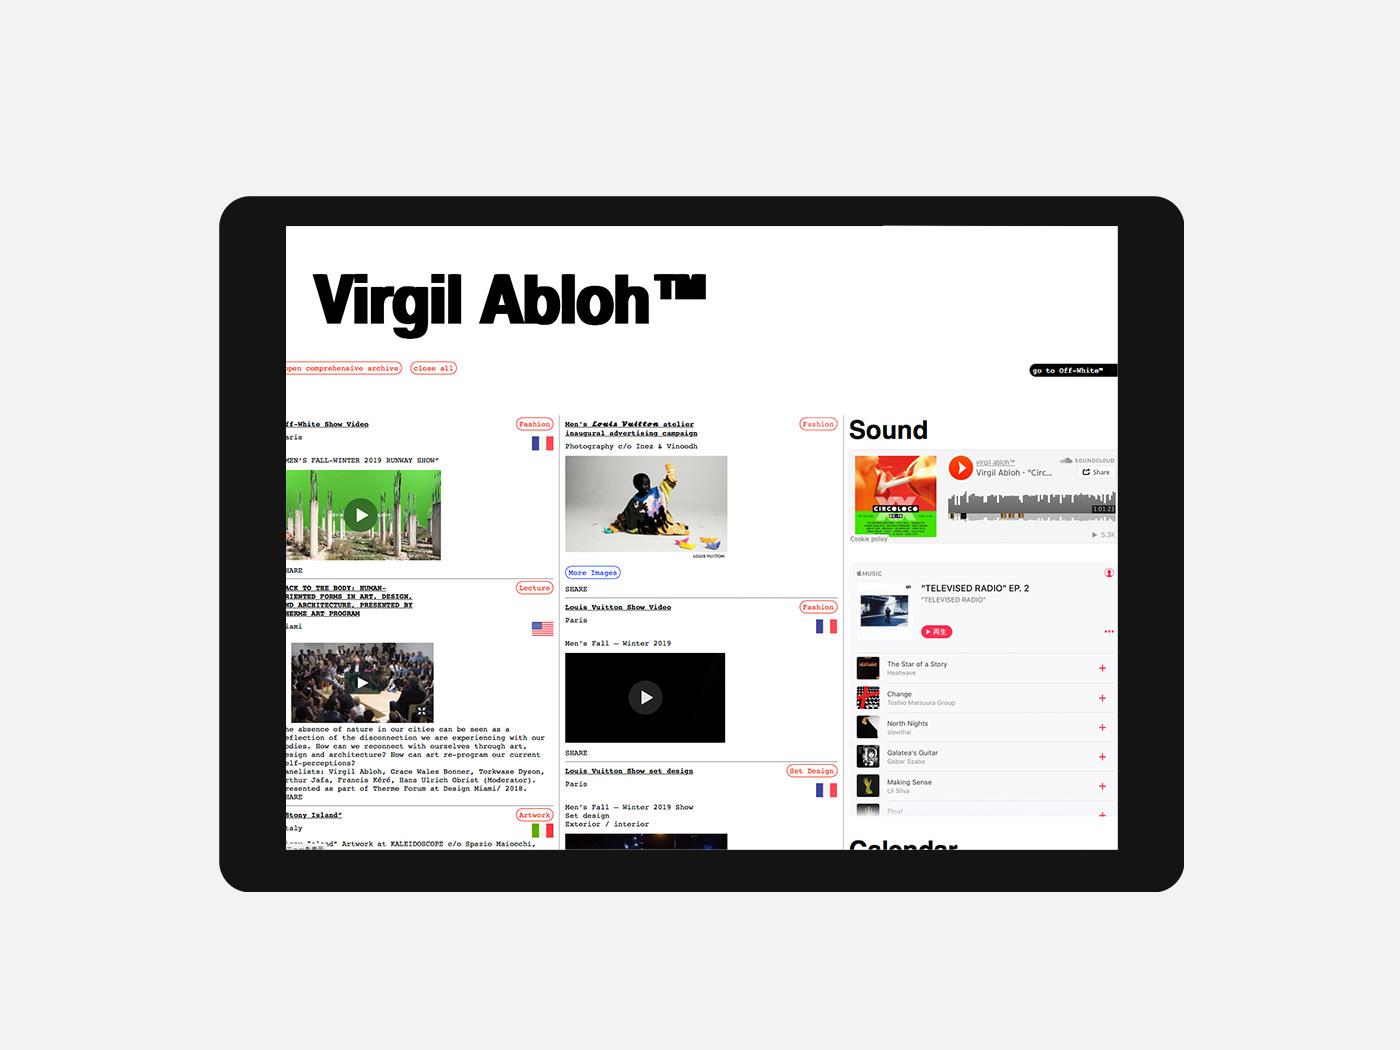 オフホワイト、ルイ・ヴィトンのデザイナーVirgil Abloh(ヴァージル・アブロー)のウェブサイトがオープン